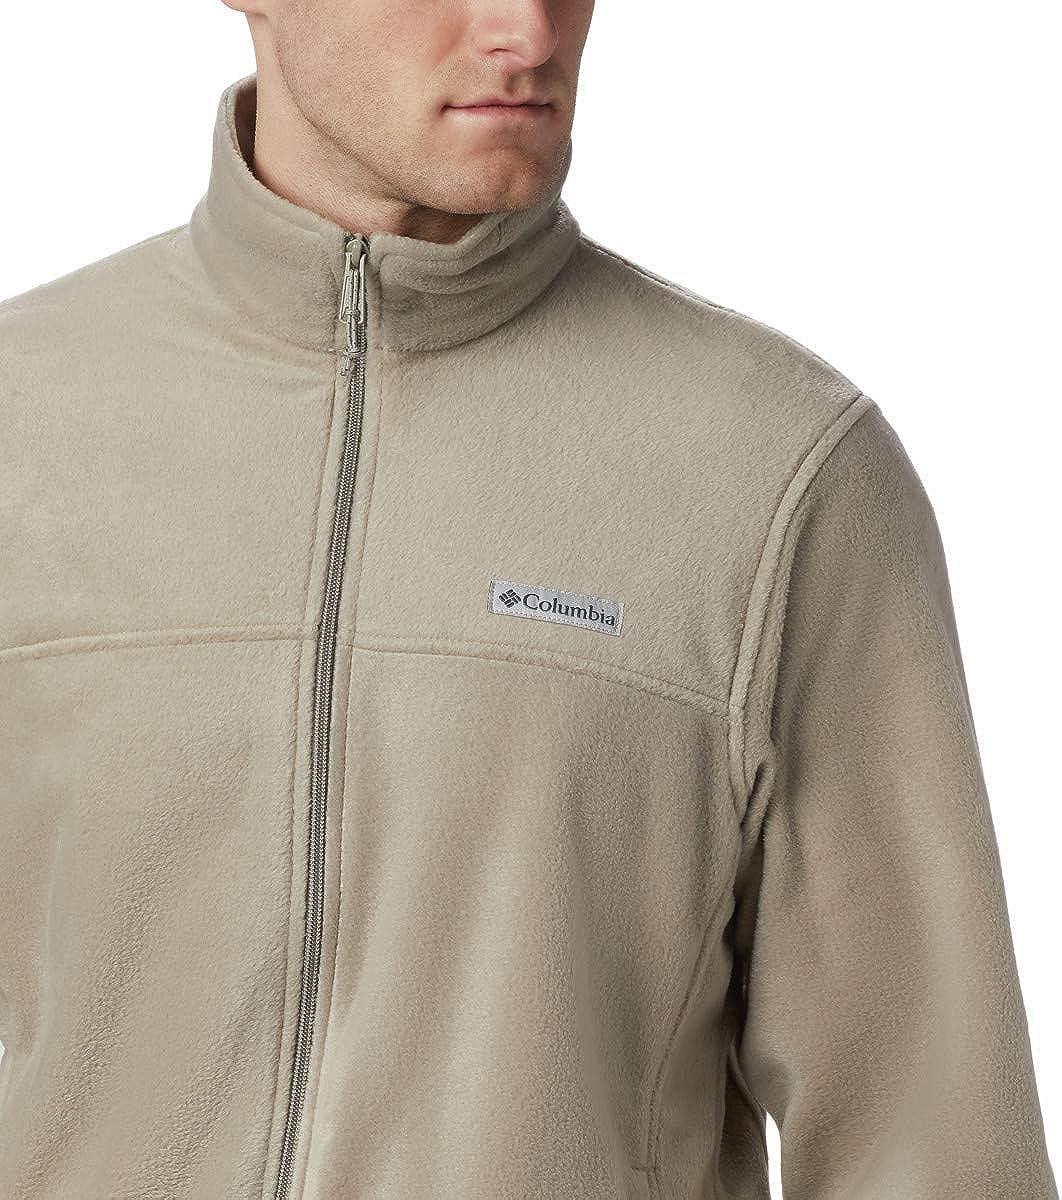 Columbia Men's Steens Mountain une veste polaire Zip 2.0